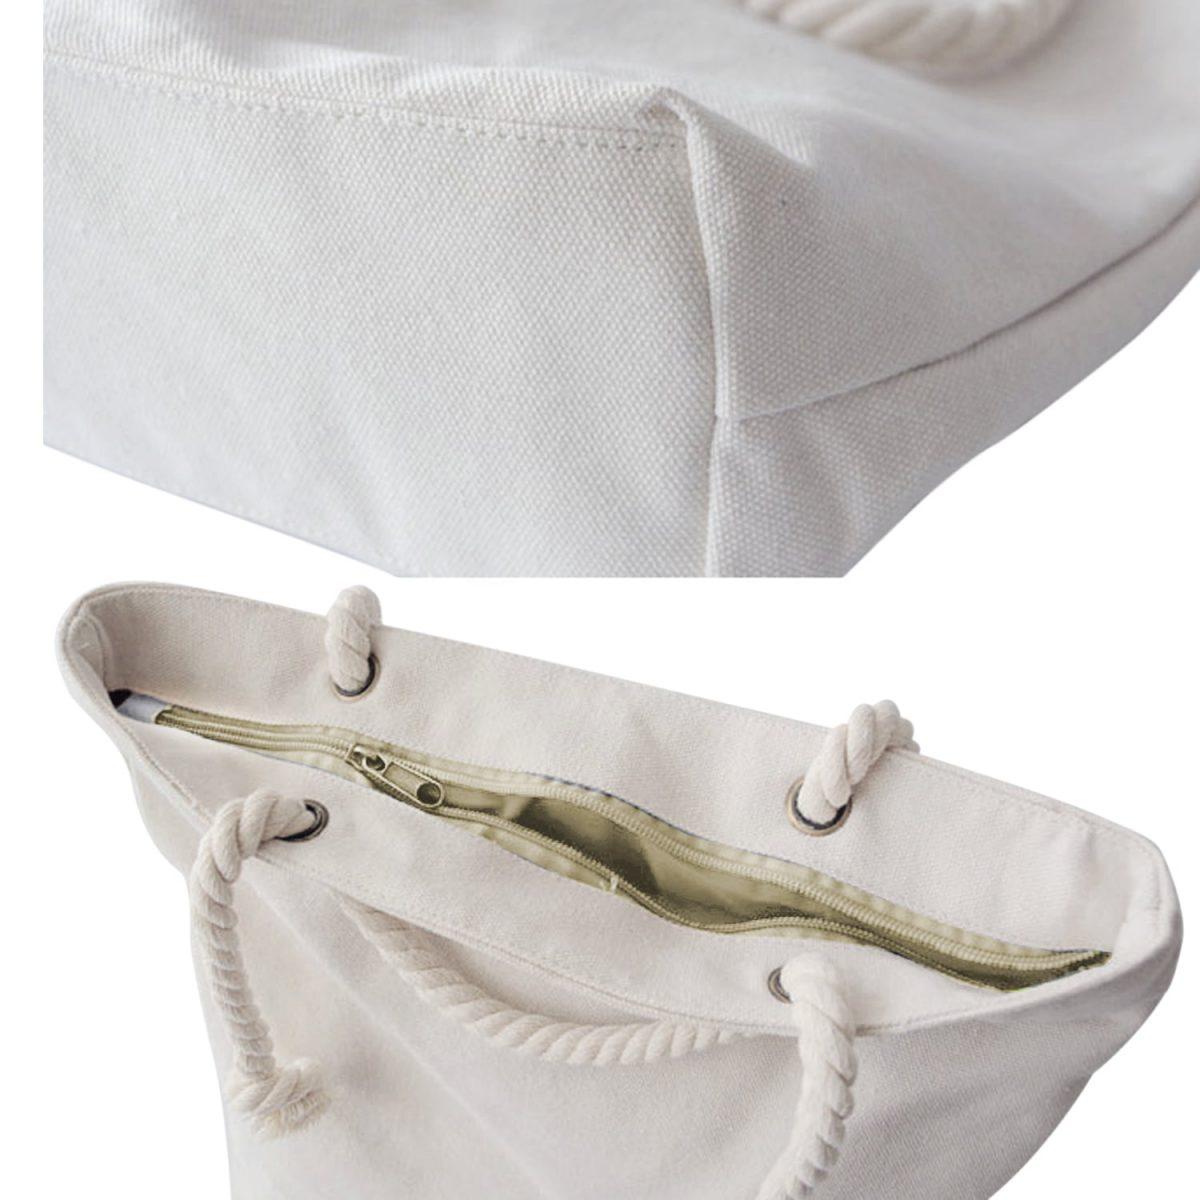 Pop Art Desenli Dijital Baskılı Modern Fermuarlı Kumaş Çanta Realhomes